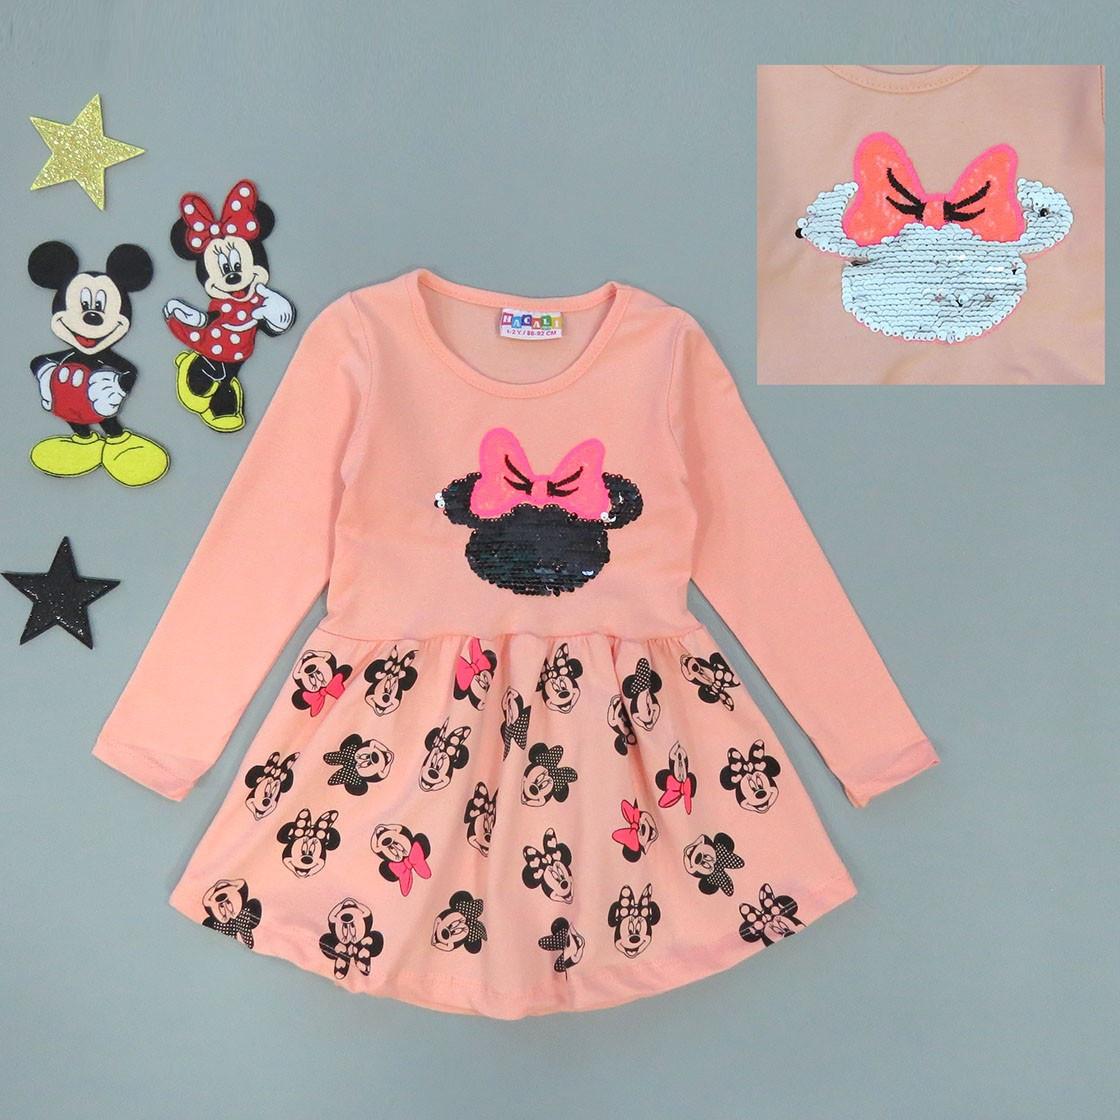 Платье Minnie Mouse для девочки (двусторонние пайетки). 86-92 см